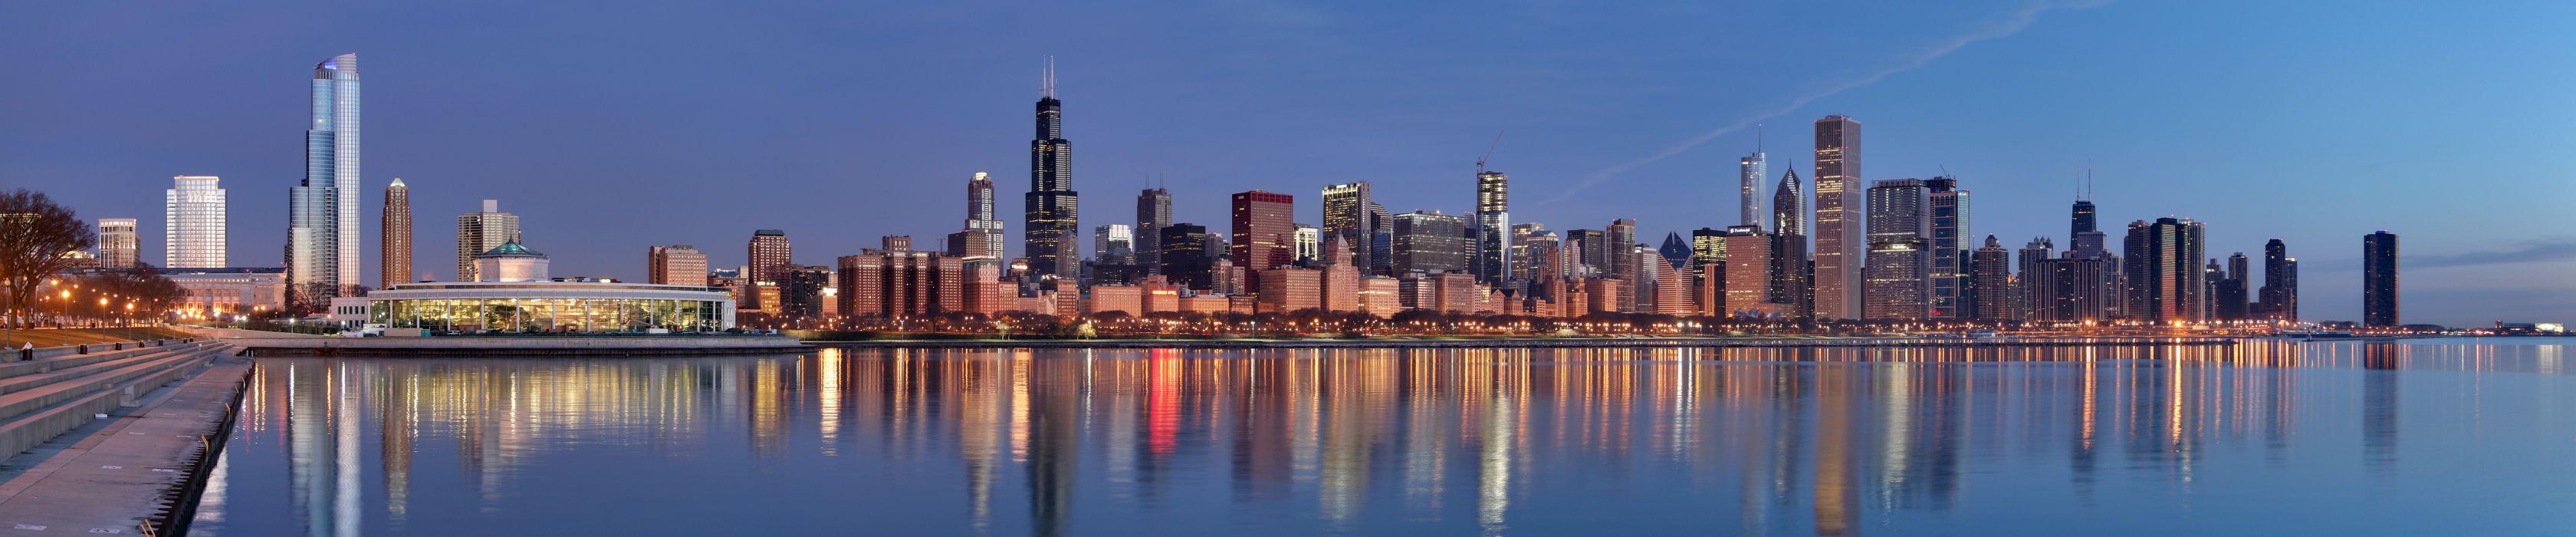 Chicago   d wallpaper